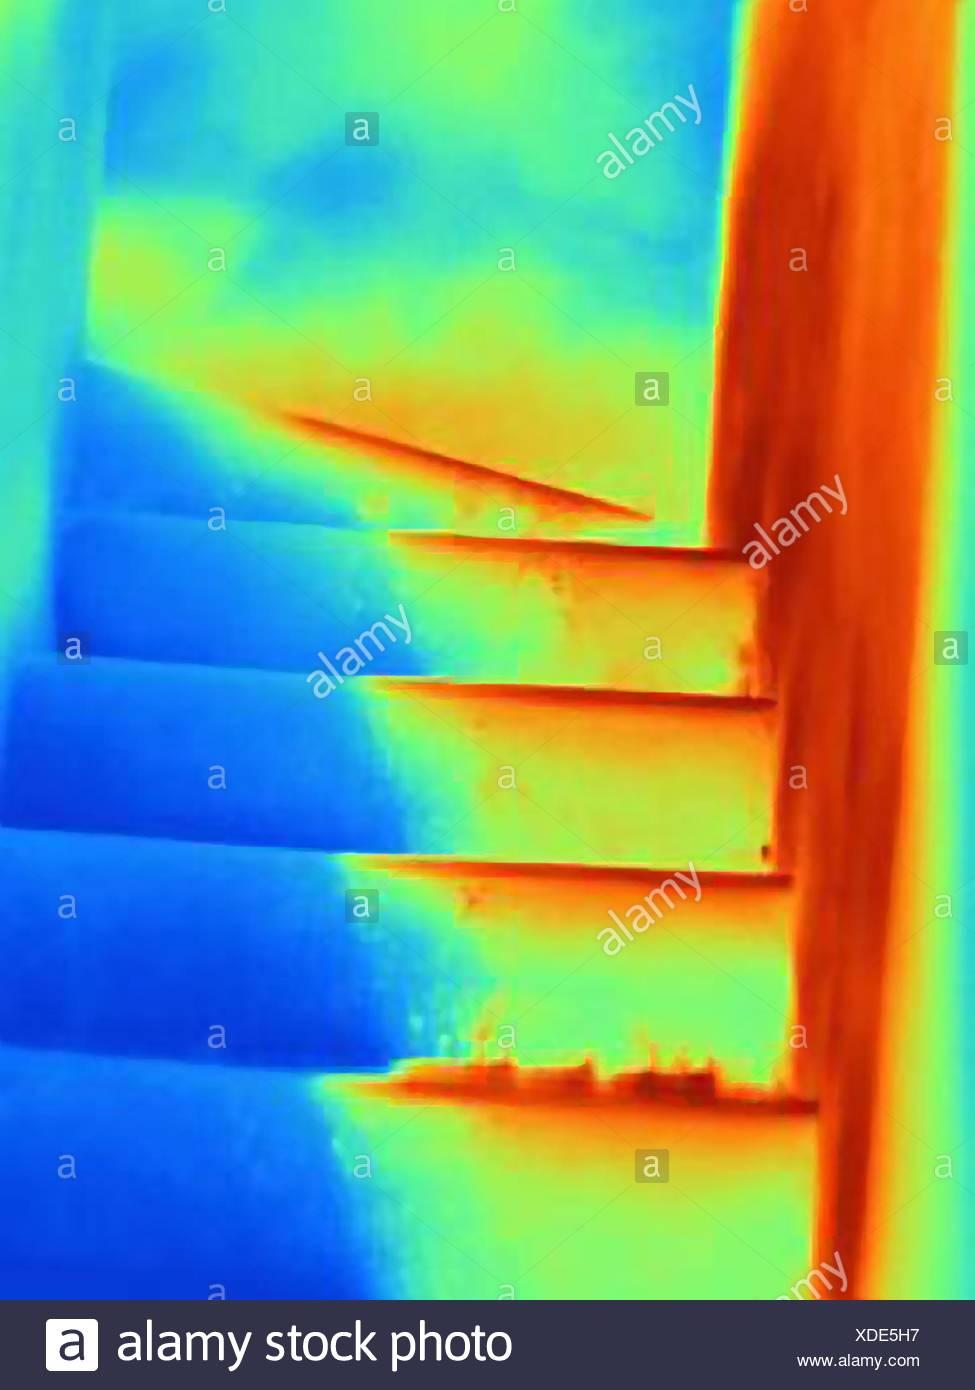 Image thermique d'escalier Photo Stock